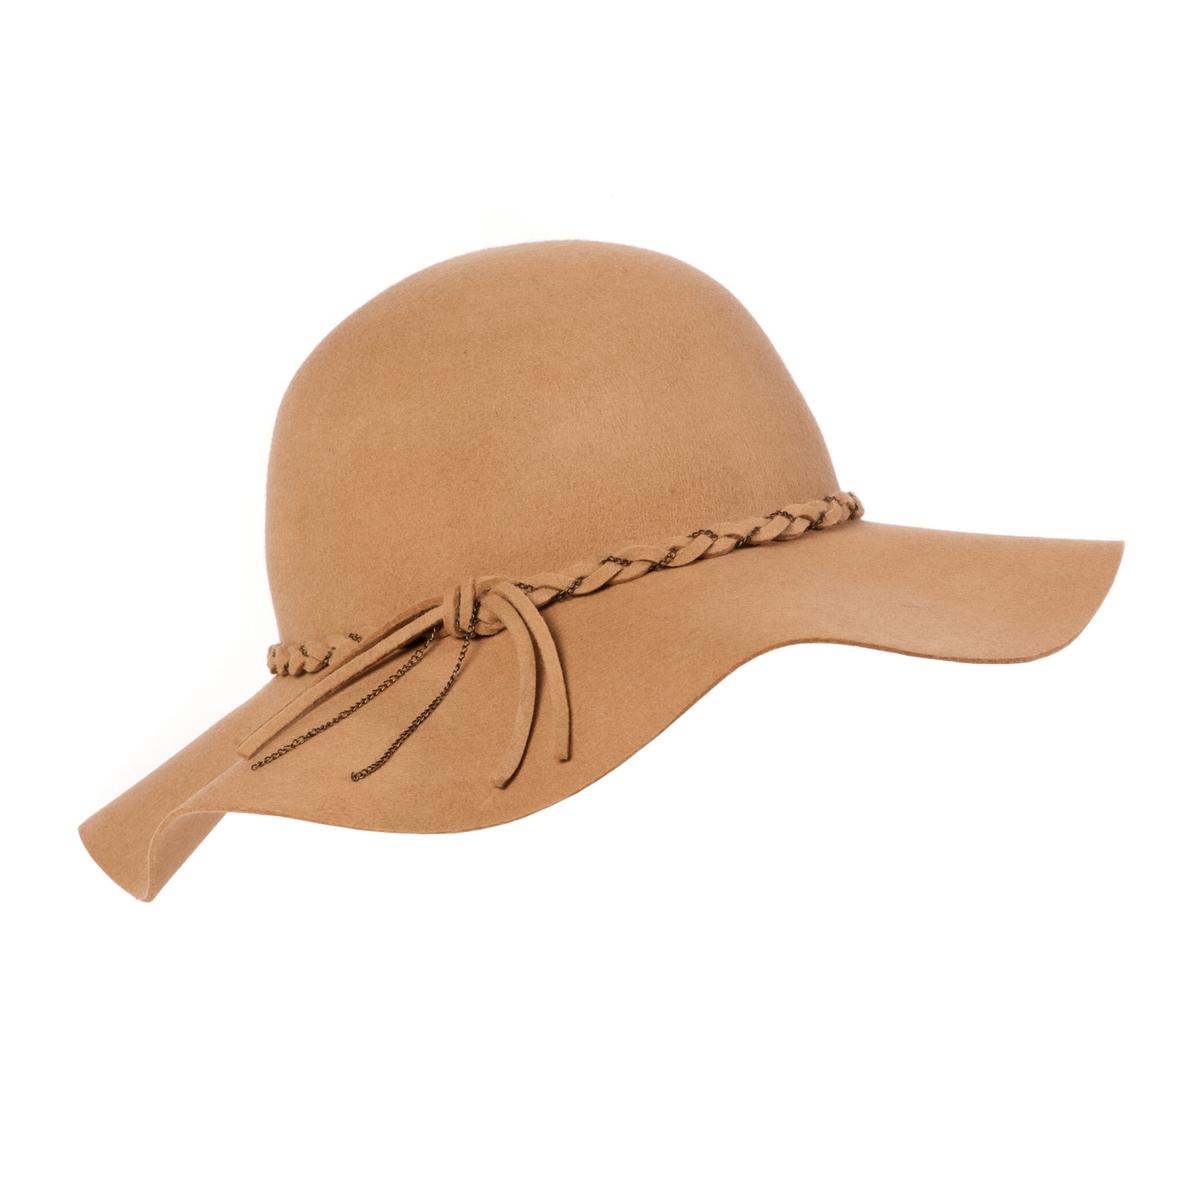 Шляпа из фетраМодная женская шляпа, которая защищает от солнца и одновременно придает стиля. Состав и описание :  •  Материал : фетр •  Марка :  Atelier R.  •  Размер : единый<br><br>Цвет: темно-бежевый